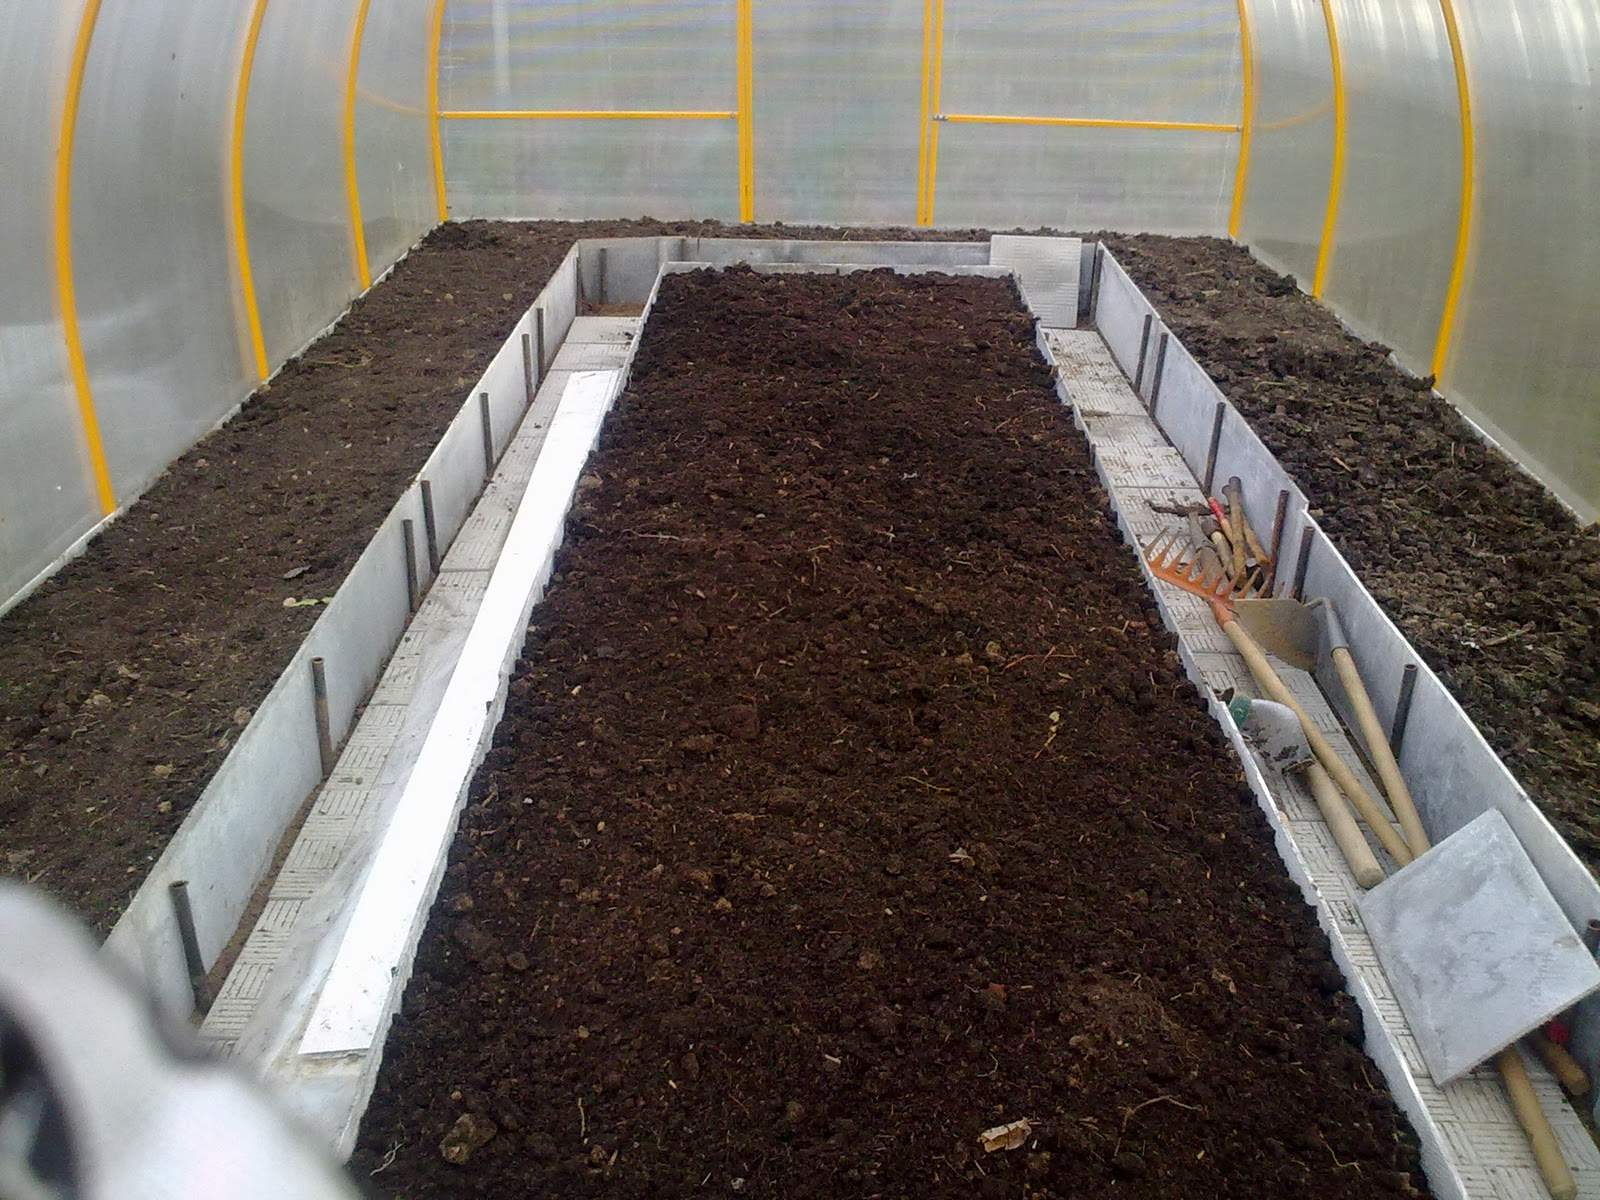 О почве для огурцов в теплице: как подготовить, какую землю любят огурцы